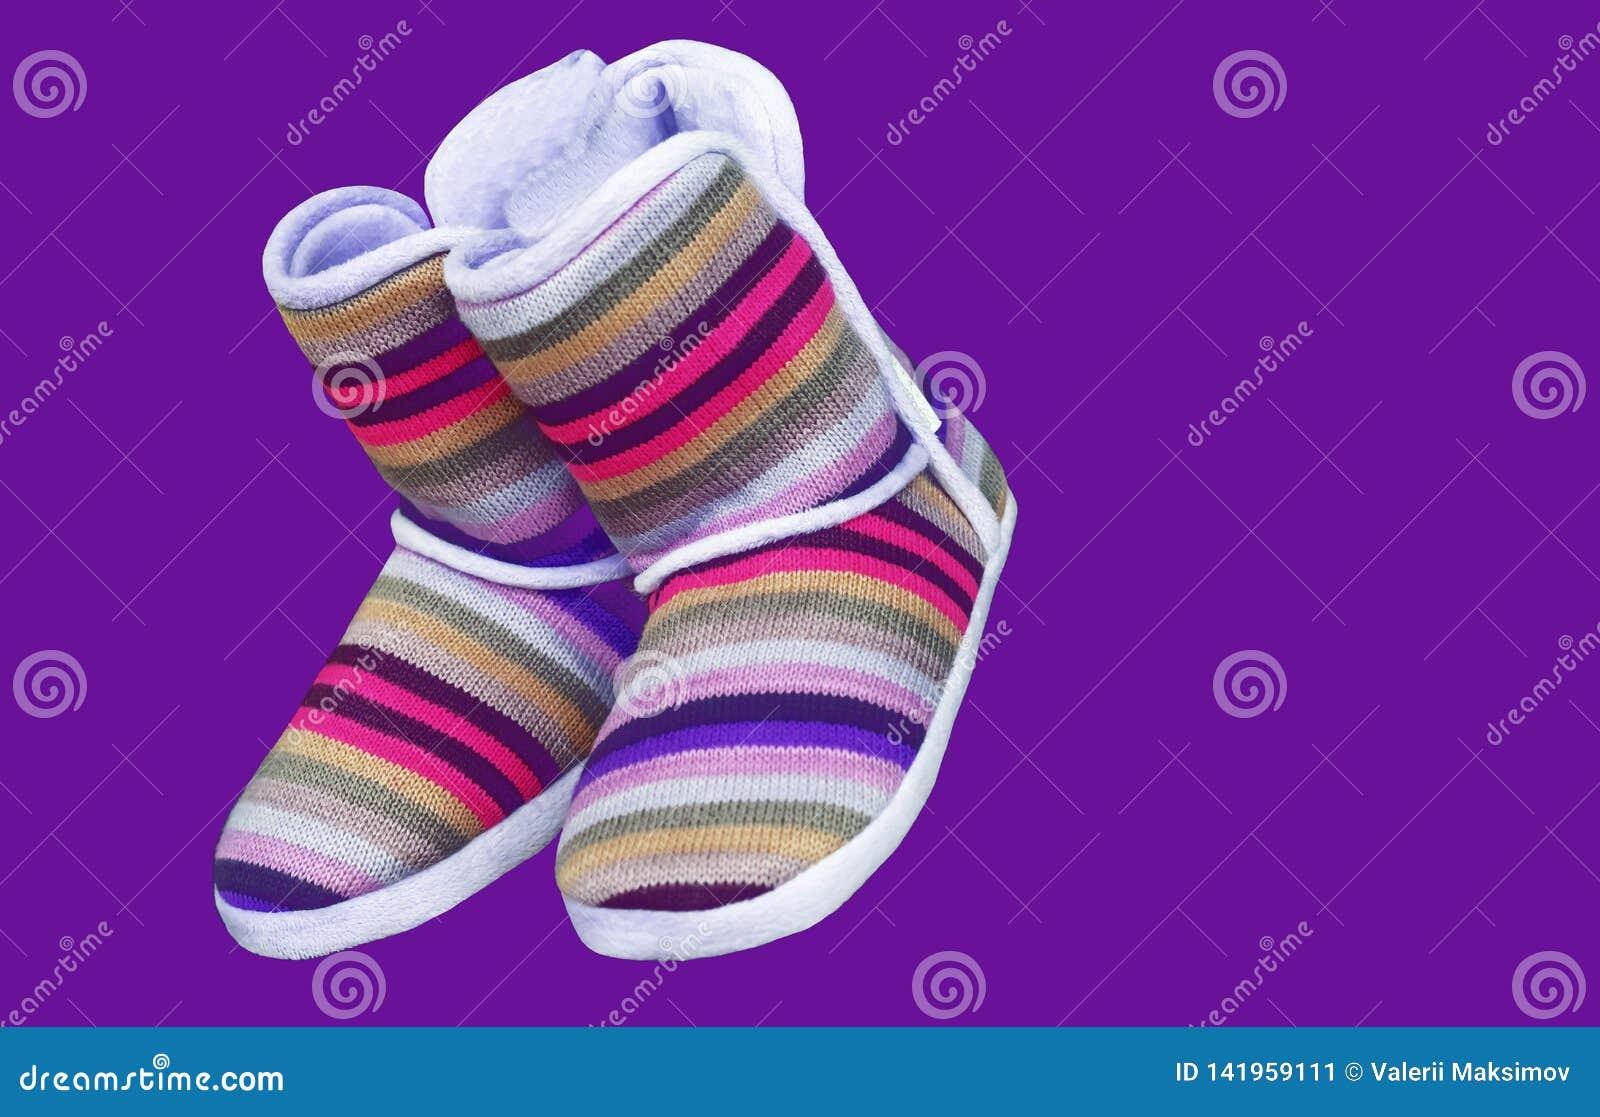 Uggs de lã com listras coloridas em um fundo roxo